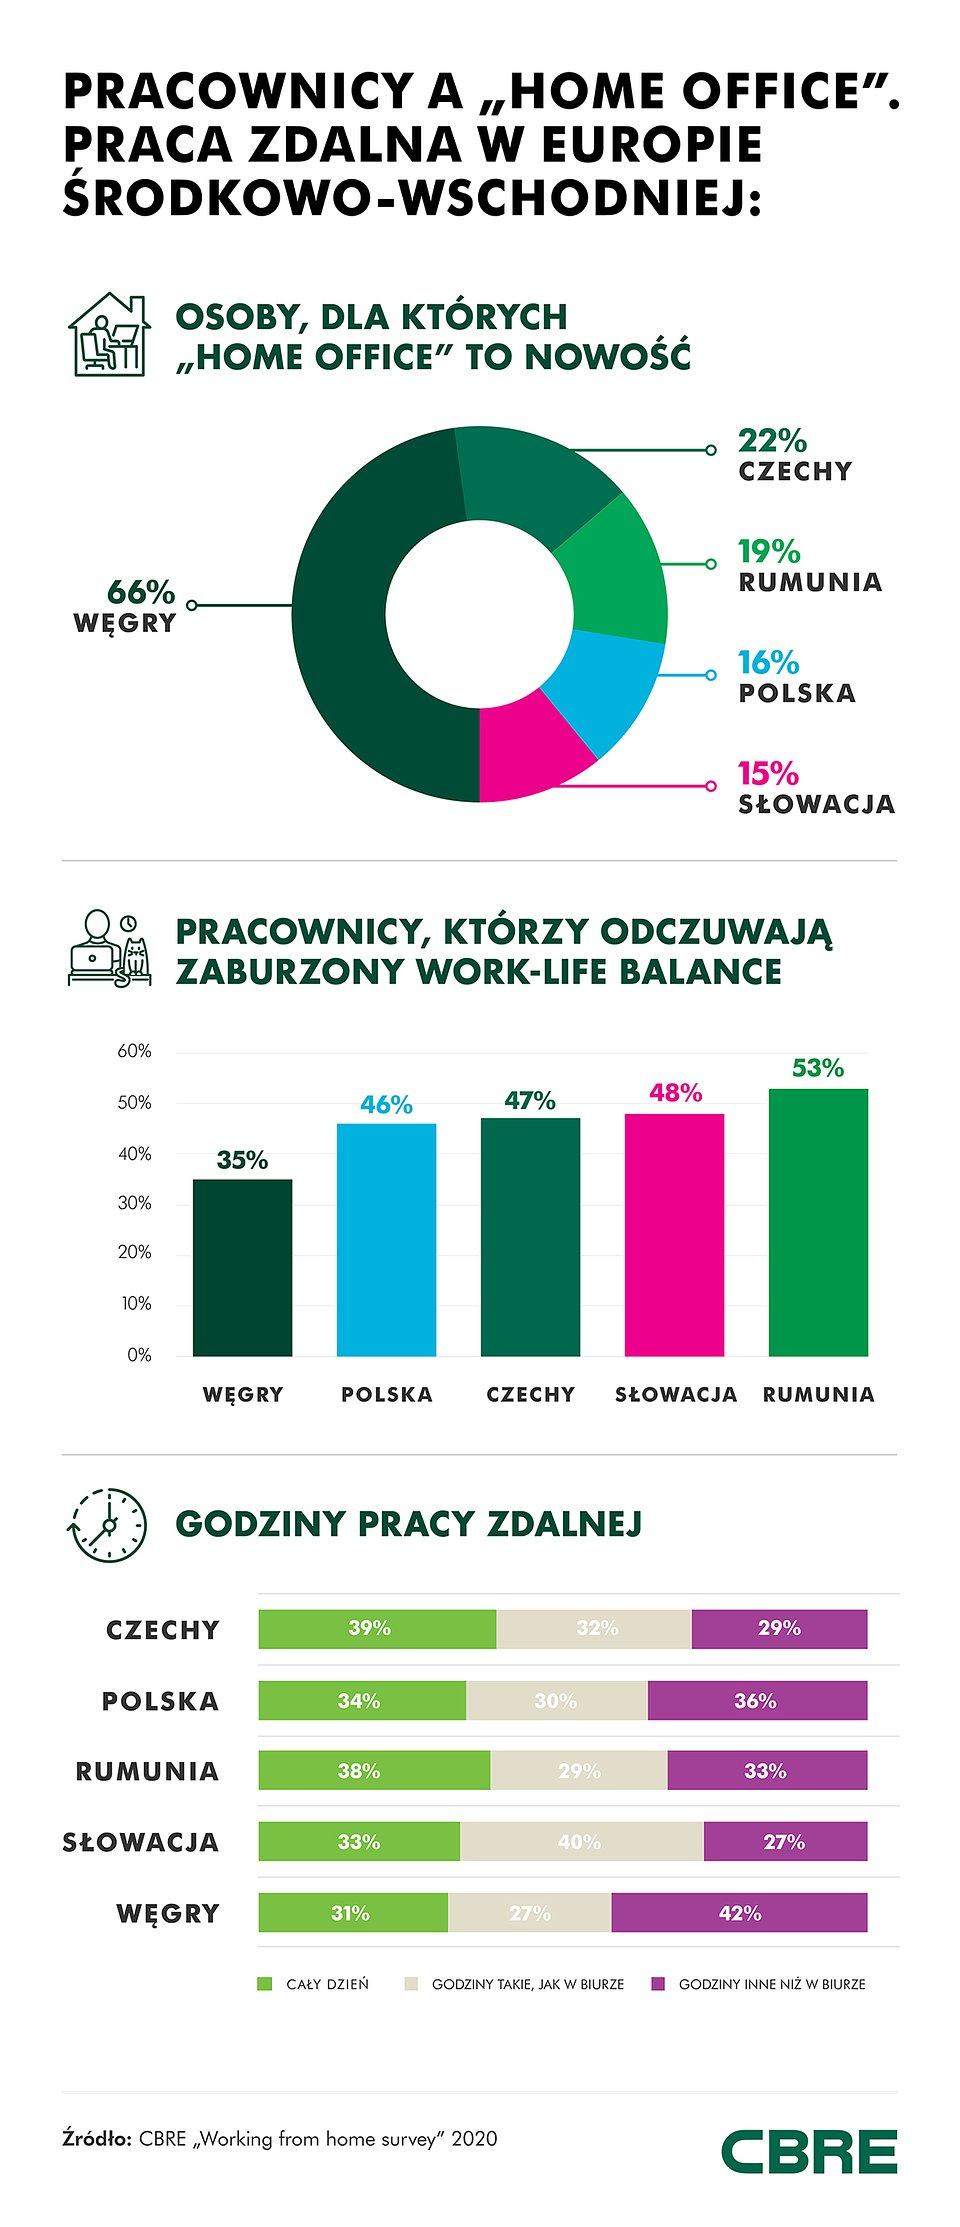 Praca zdalna_infografika_CBRE.jpg